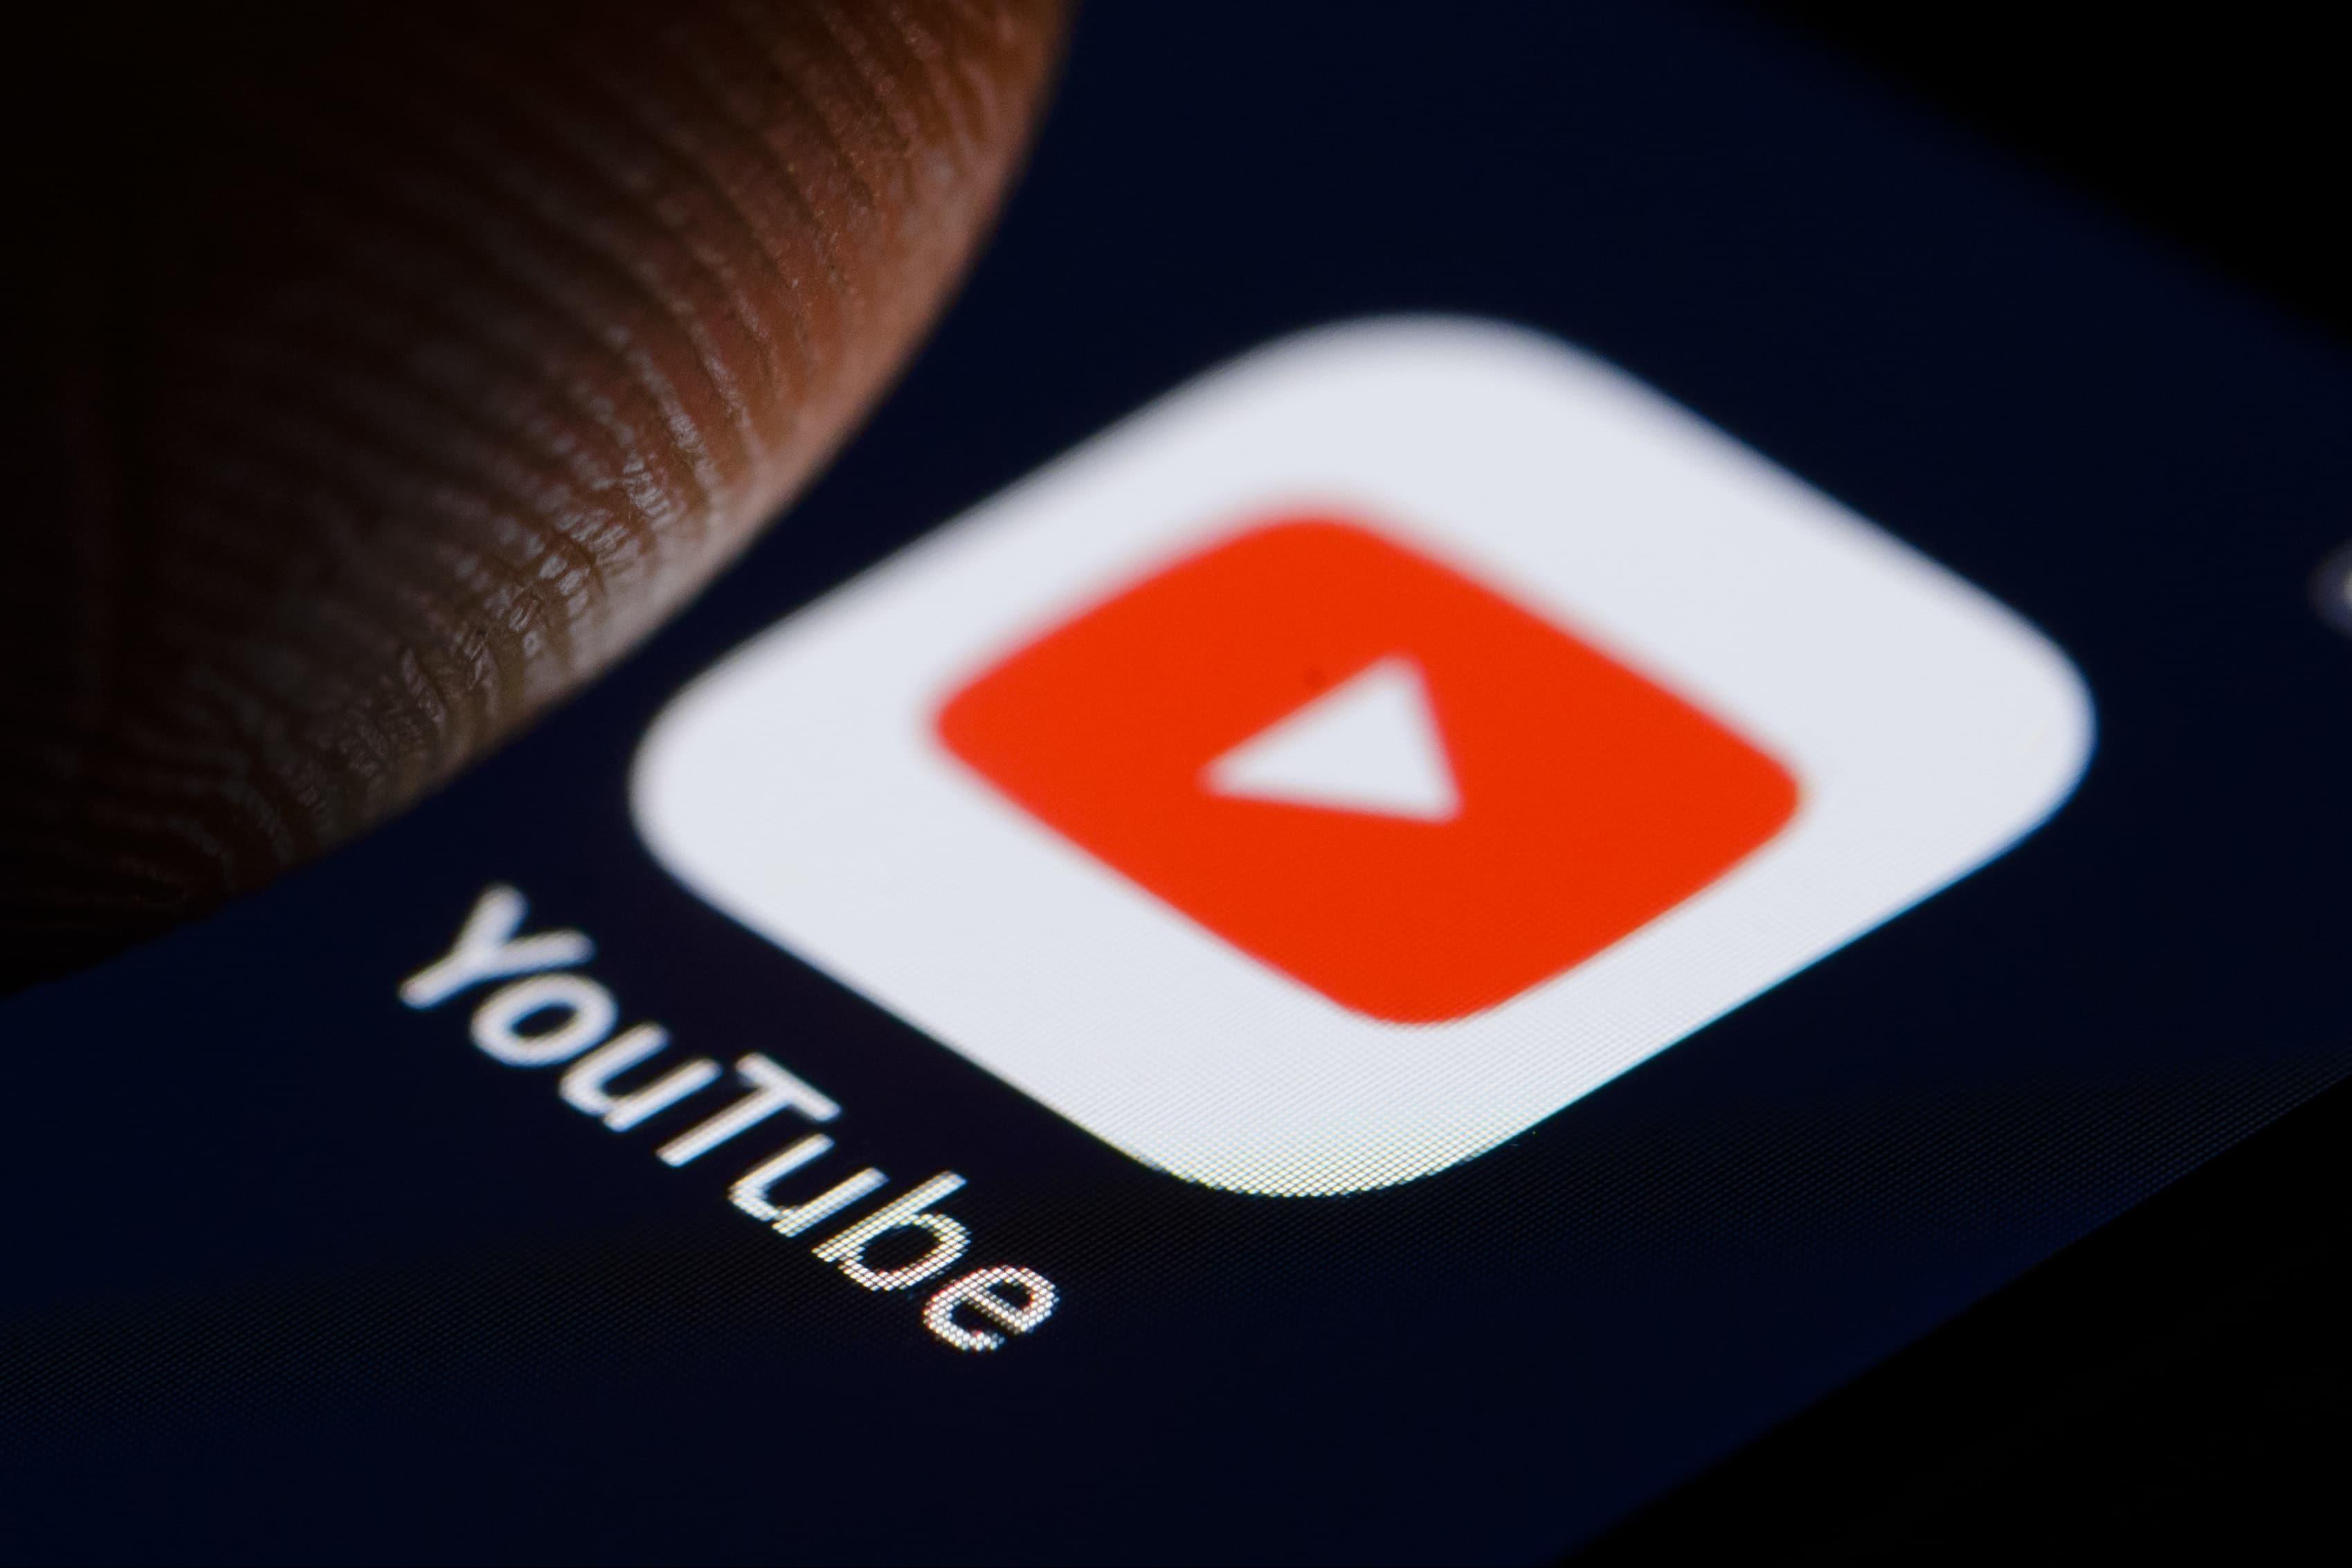 يوتيوب تشدد إجراءاتها لمكافحة المقاطع المصورة المناهضة للتلقيح